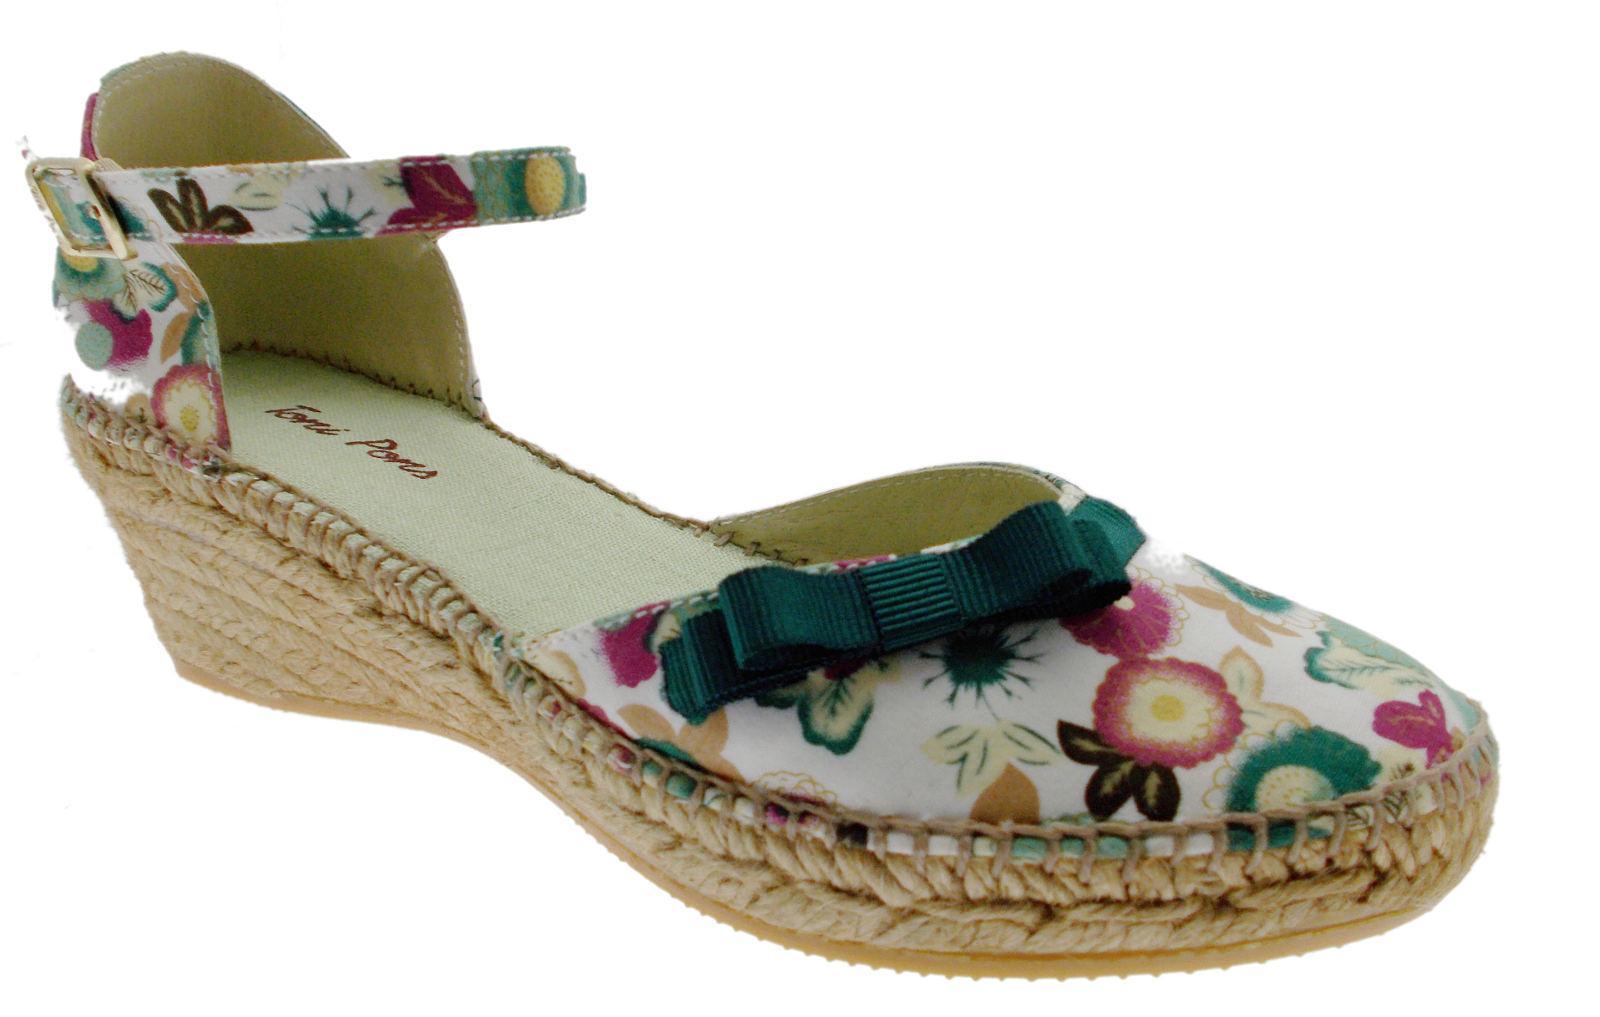 scarpa sandalo donna corda bianco art verde multicolor chiuso zeppa art bianco ABRIL Toni P 2ff27c